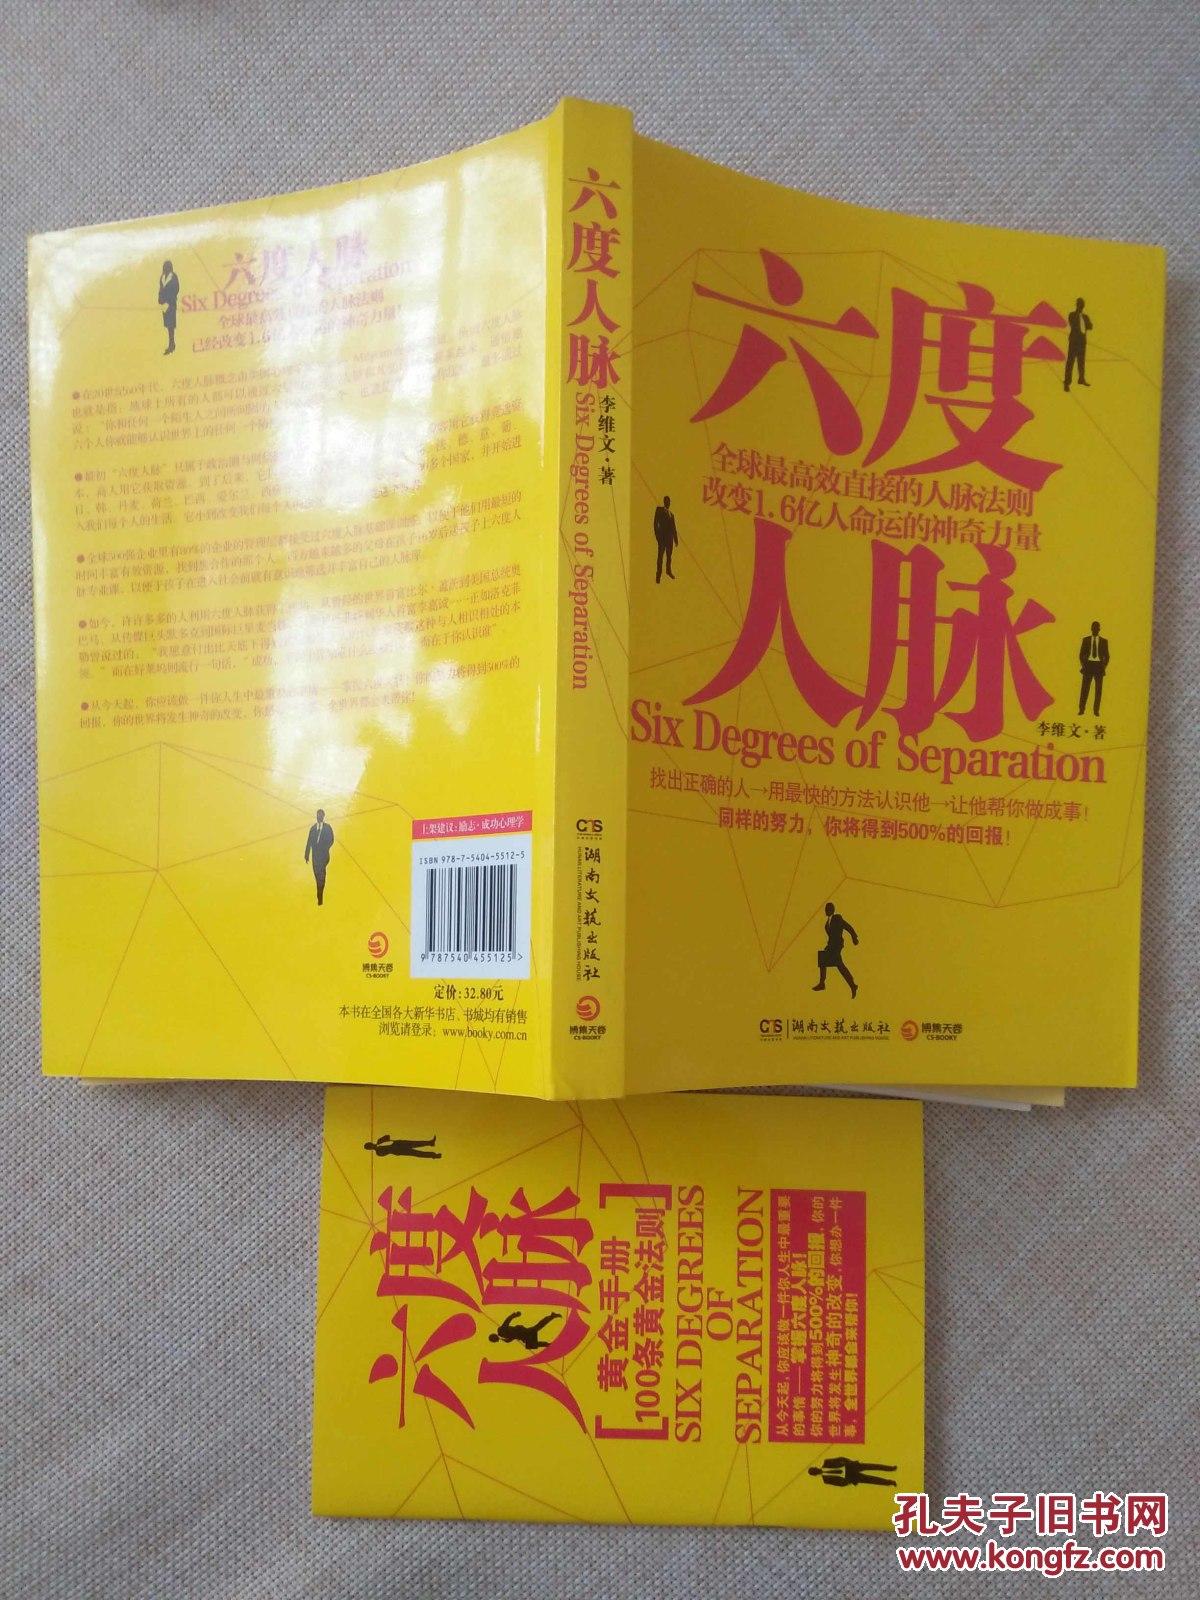 好书推荐豆瓣_douban.com/subject/10731681/                 为你推荐